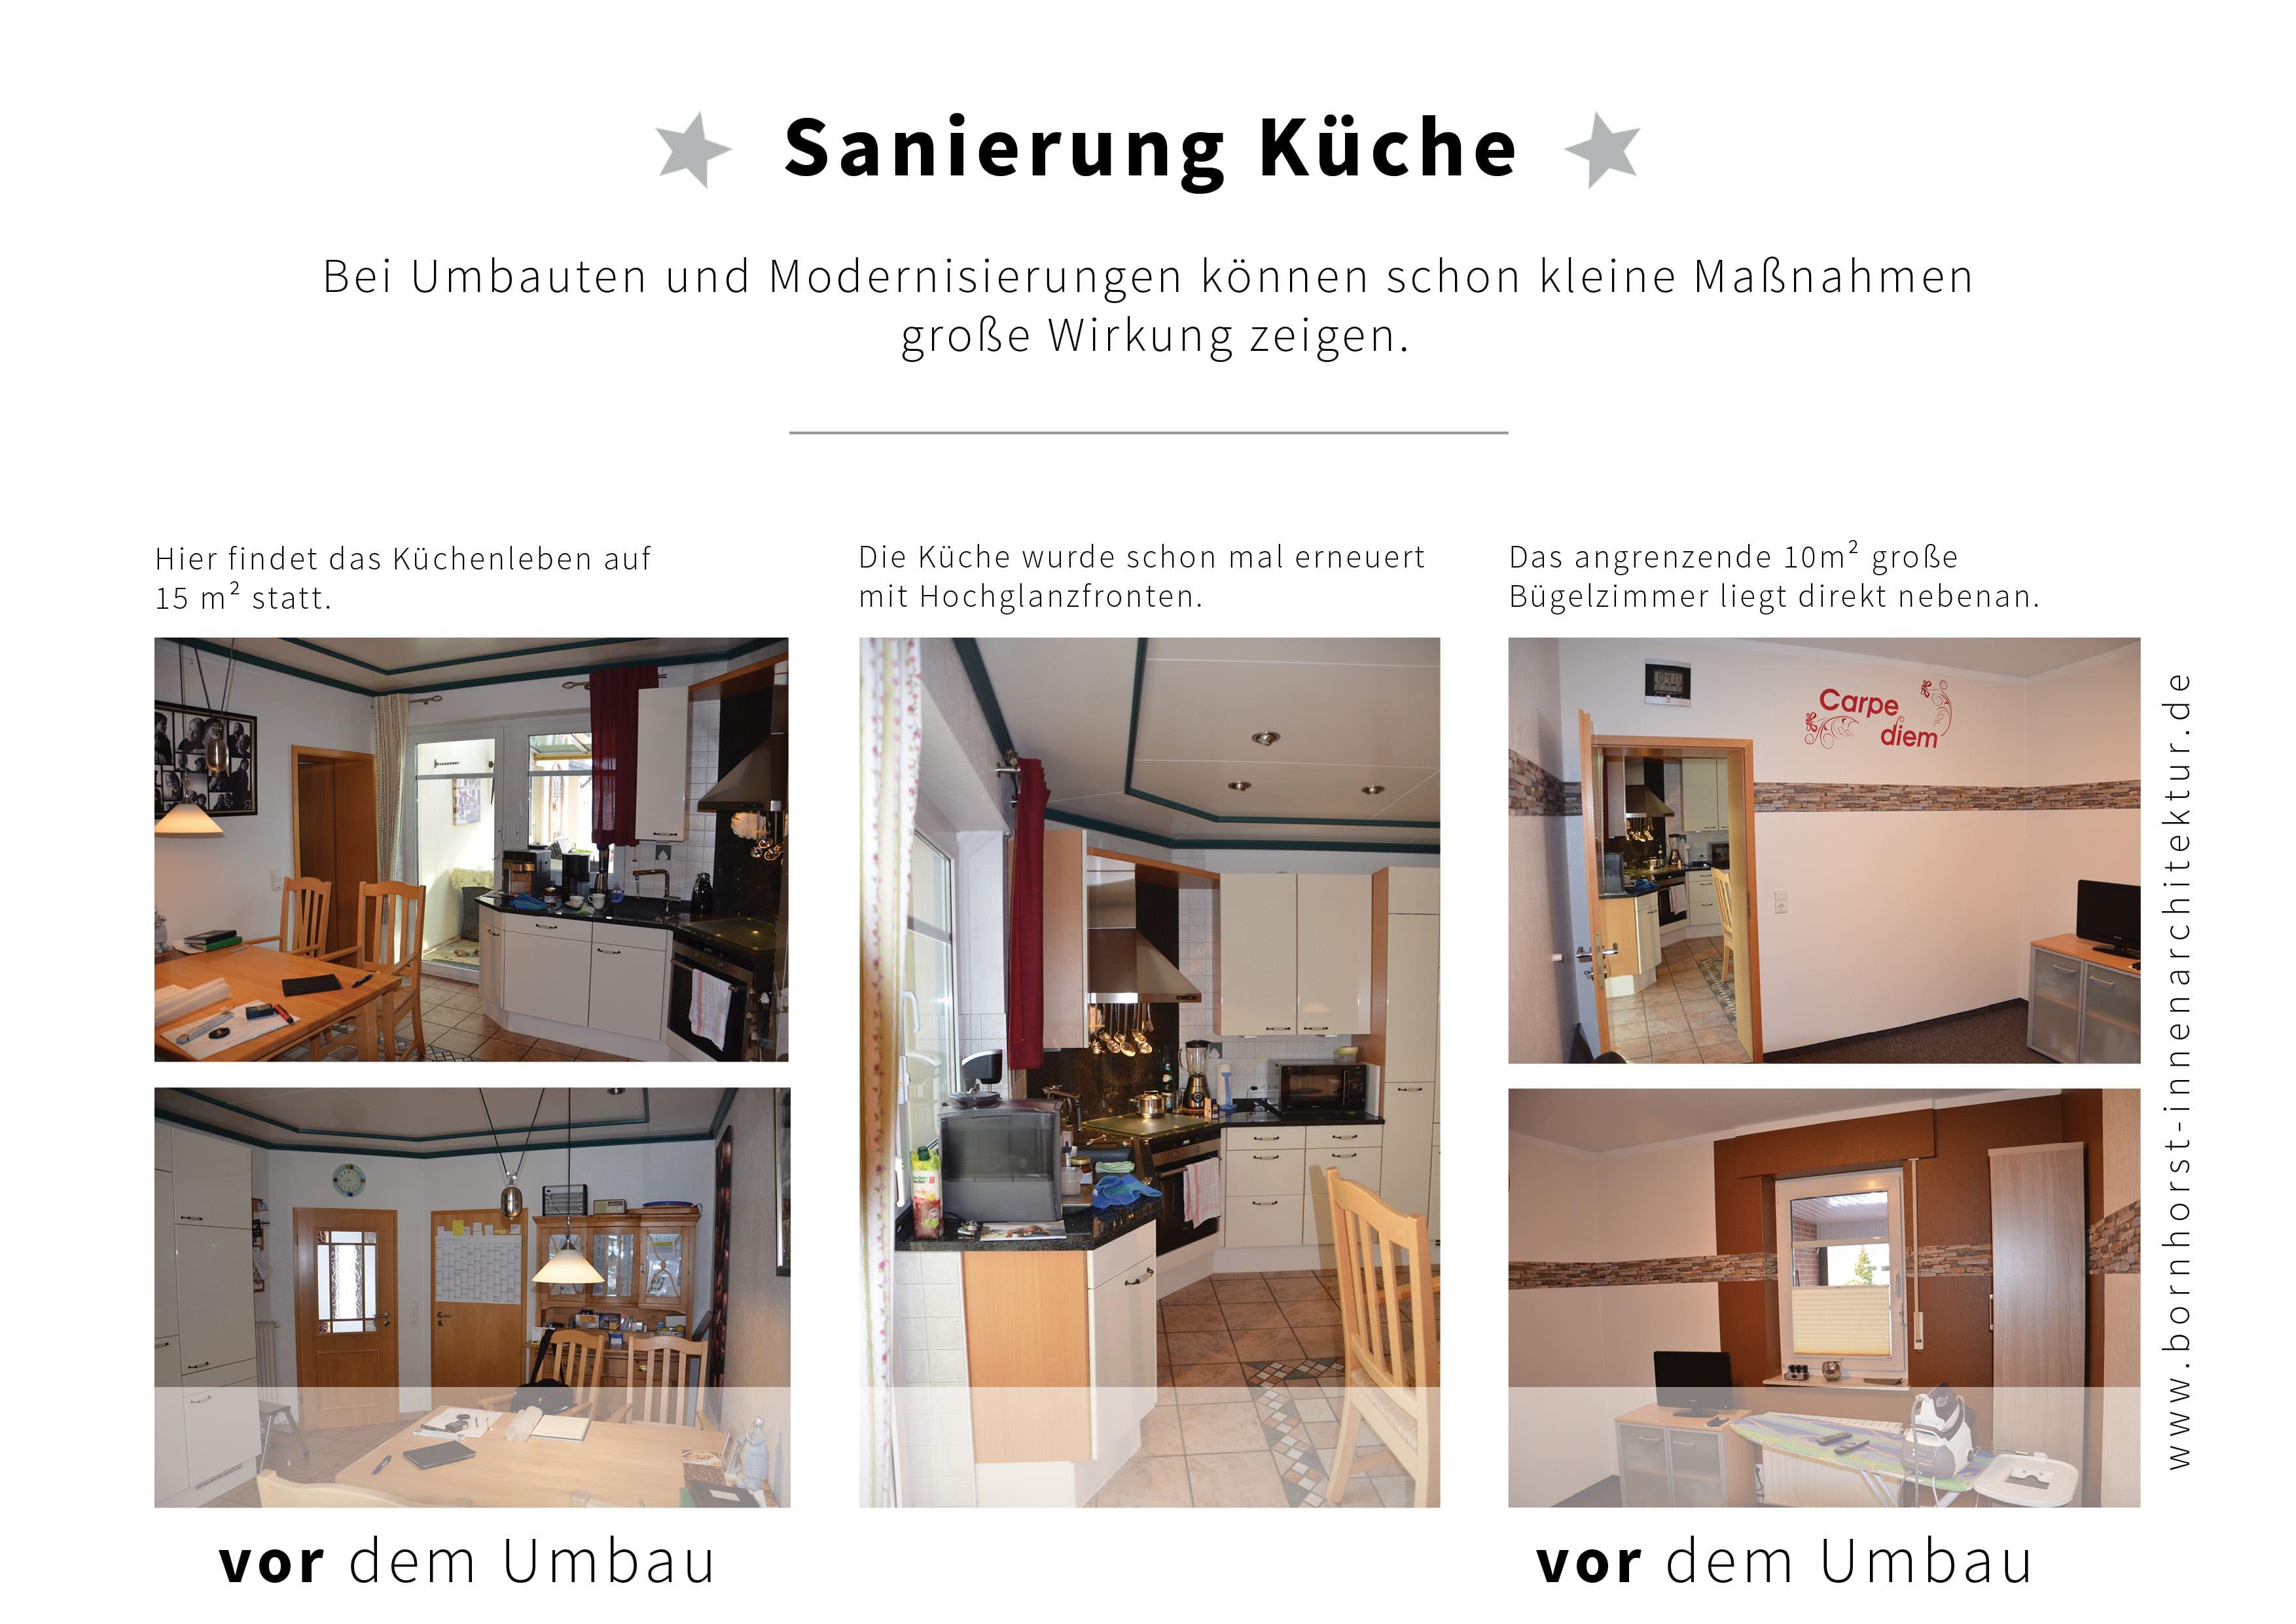 Lust auf Veränderung – Beeindruckende Sanierung einer Küche durch ...